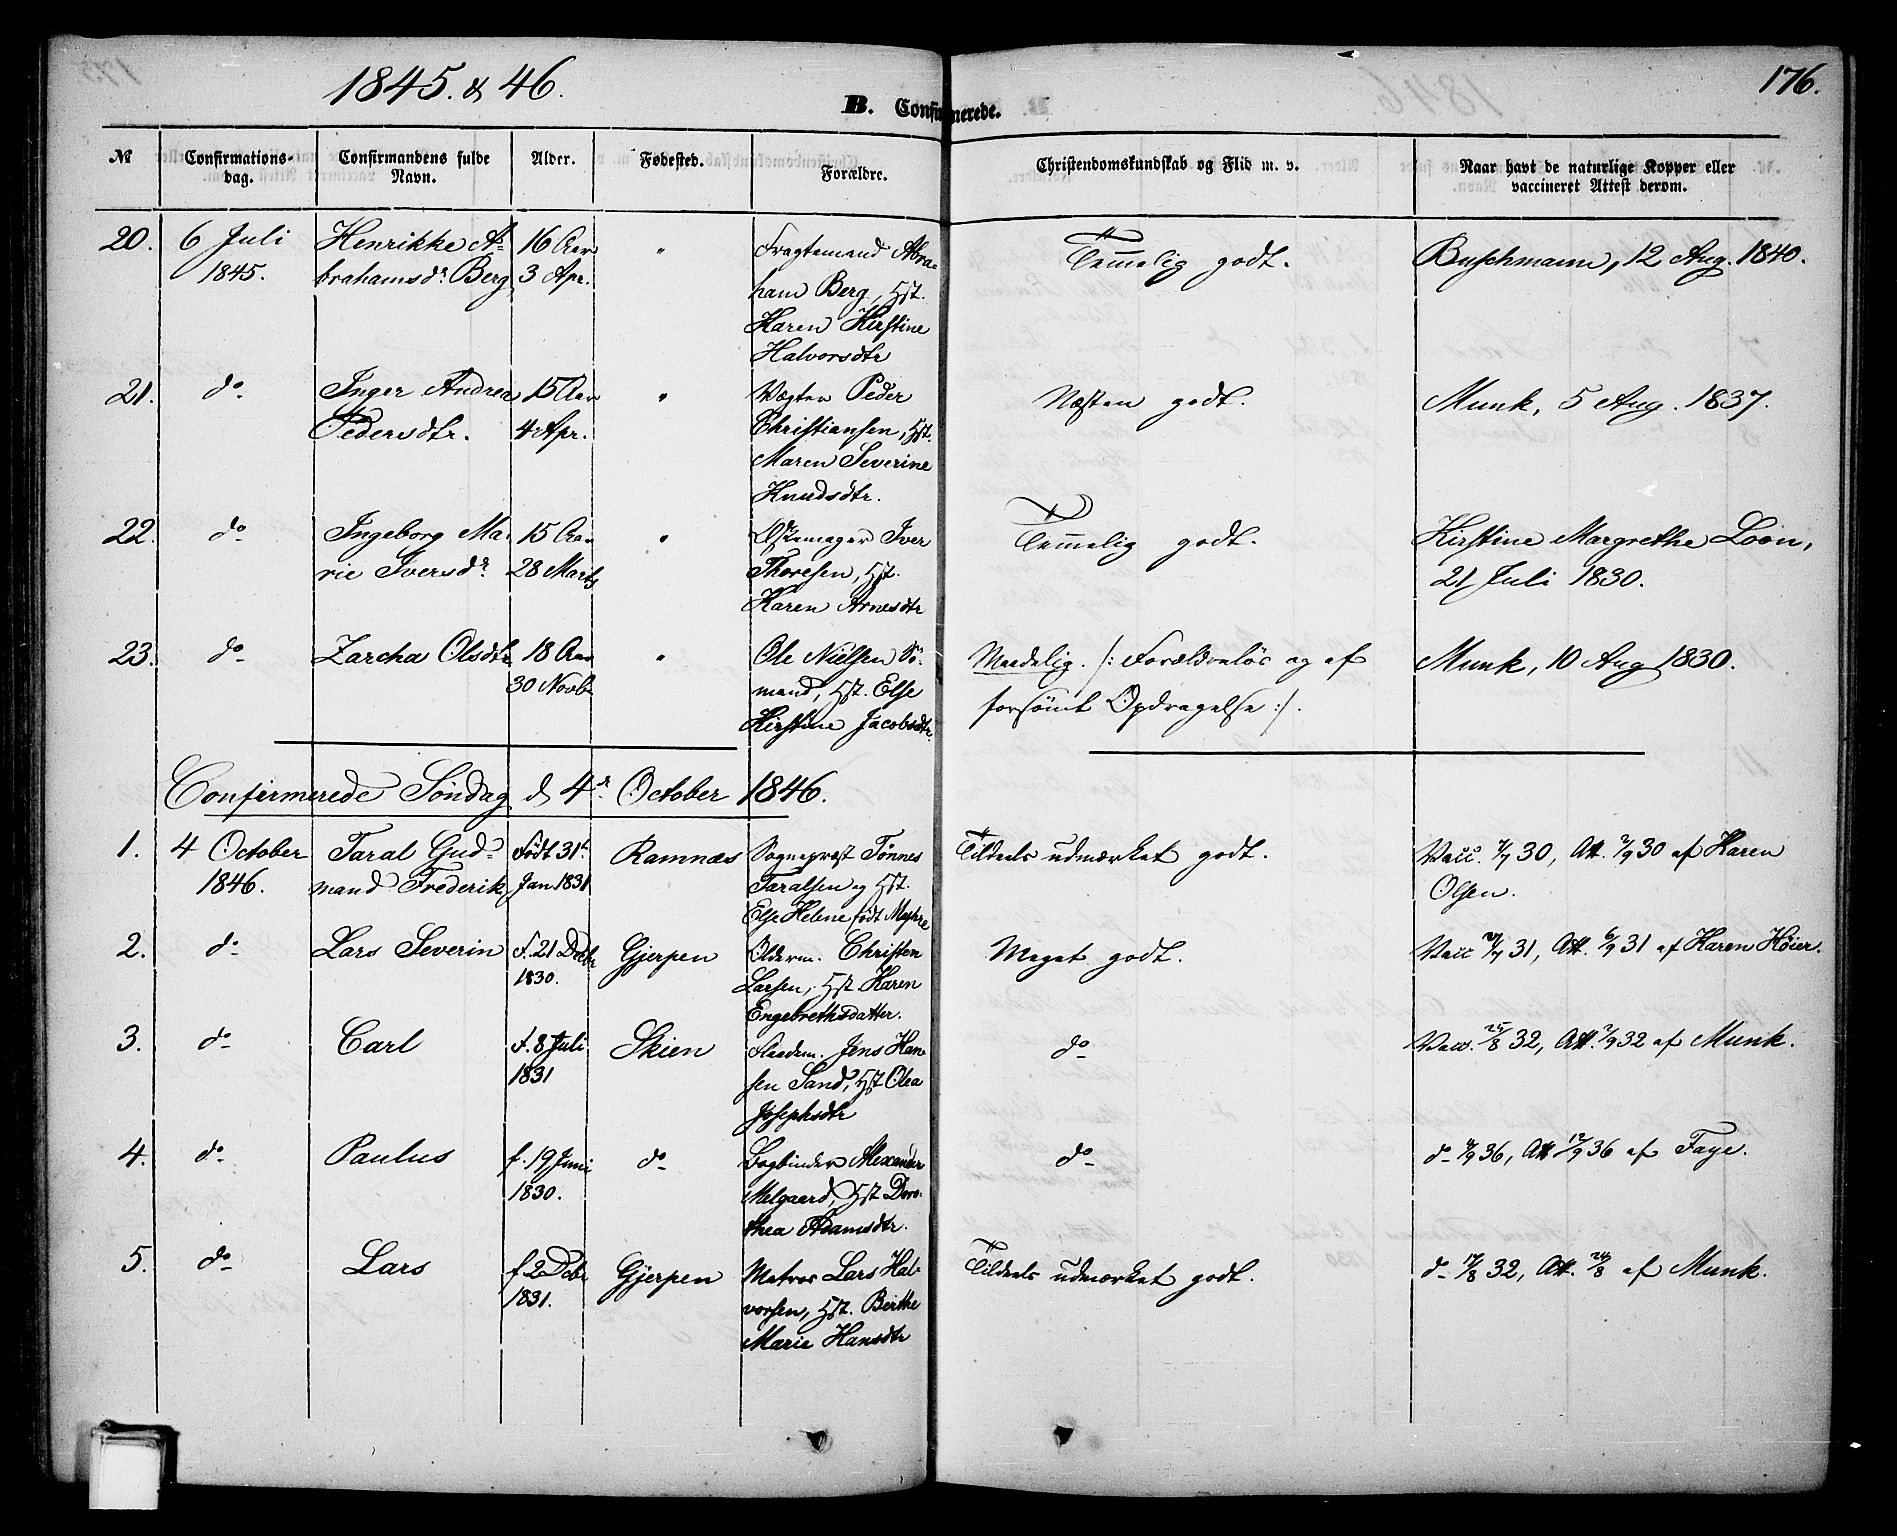 SAKO, Skien kirkebøker, G/Ga/L0004: Klokkerbok nr. 4, 1843-1867, s. 176